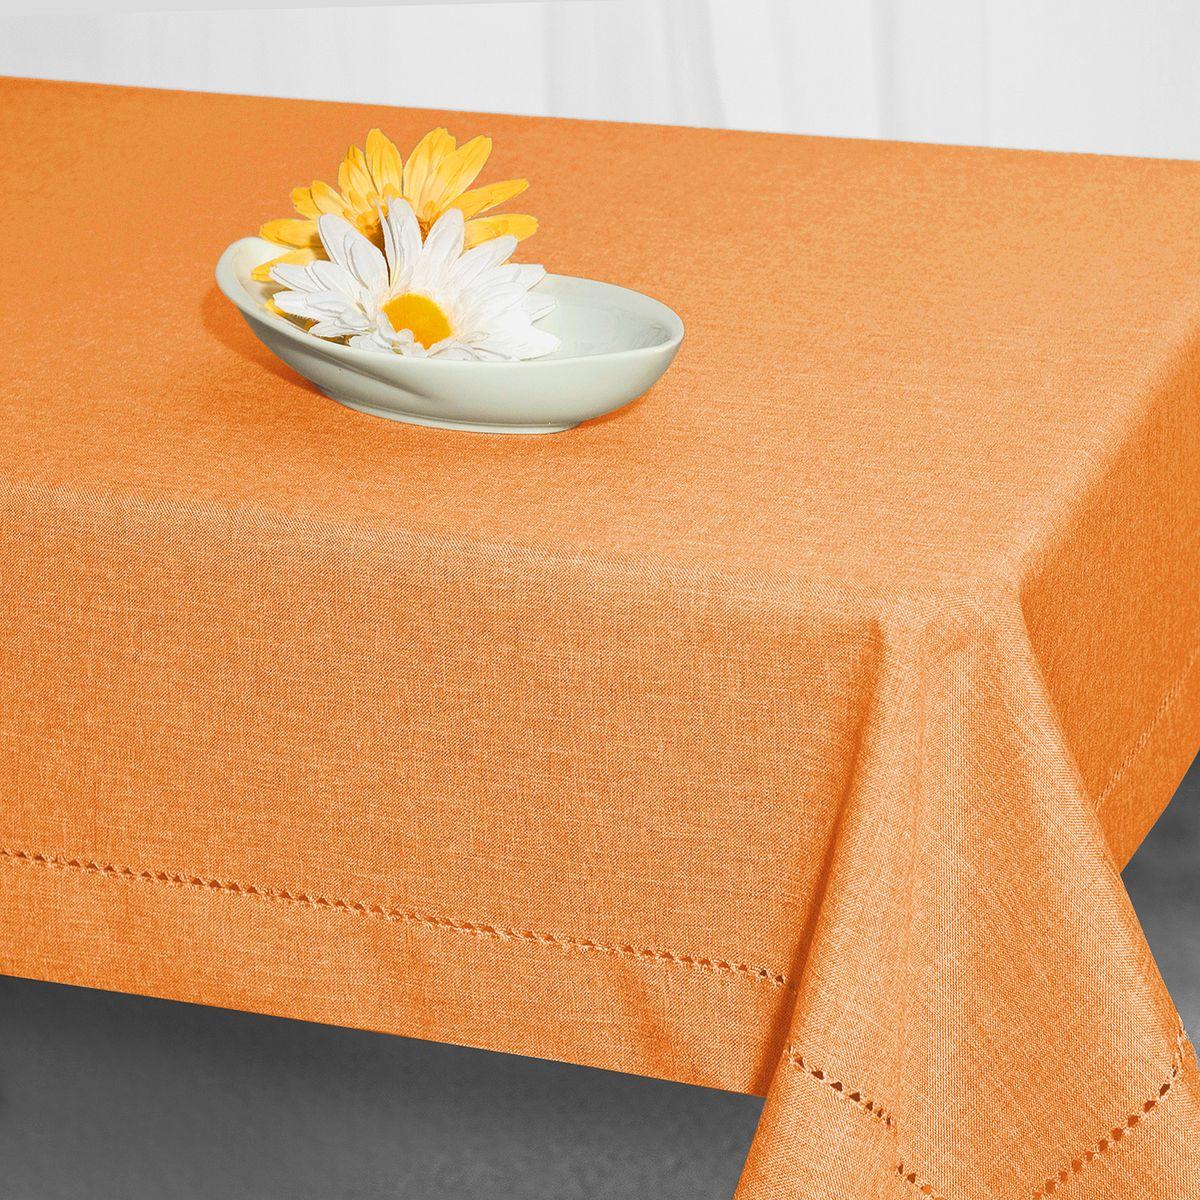 Скатерть Schaefer, прямоугольная, цвет: оранжевый, 160 x 220 см. 07599-40807599-408Стильная скатерть Schaefer выполнена из полиэстера.Изделия из полиэстера легко стирать: они не мнутся, не садятся и быстро сохнут, они более долговечны, чем изделия из натуральных волокон.Немецкая компания Schaefer создана в 1921 году. На протяжении всего времени существования она создает уникальные коллекции домашнего текстиля для гостиных, спален, кухонь и ванных комнат. Дизайнерские идеи немецких художников компании Schaefer воплощаются в текстильных изделиях, которые сделают ваш дом красивее и уютнее и не останутся незамеченными вашими гостями. Дарите себе и близким красоту каждый день!